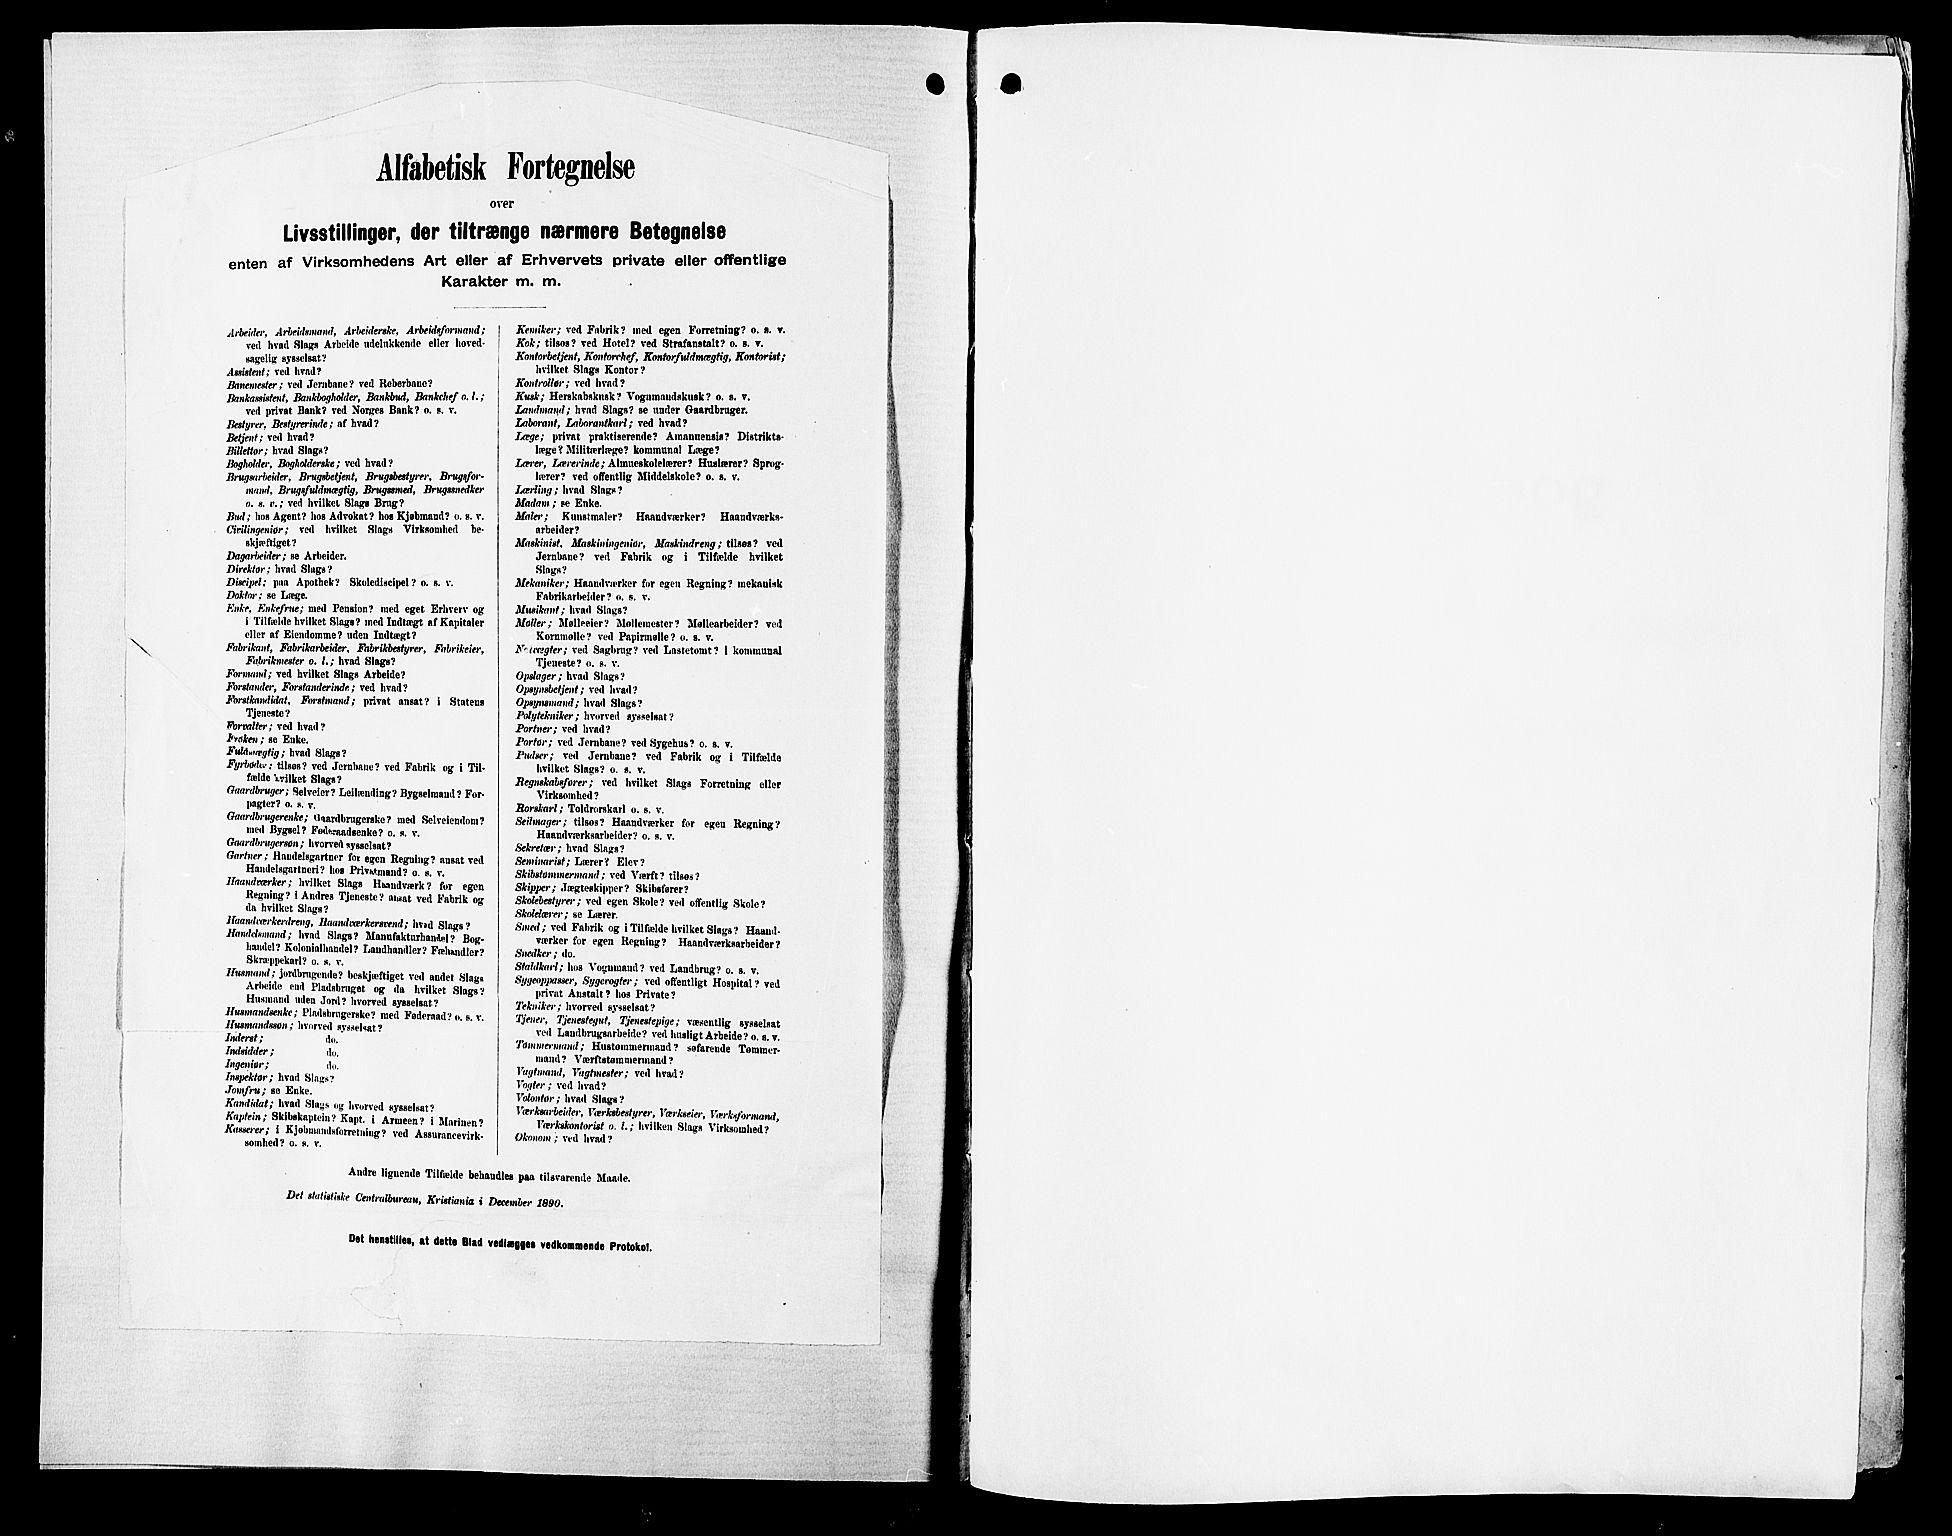 SAH, Vang prestekontor, Hedmark, H/Ha/Haa/L0017: Ministerialbok nr. 17, 1890-1899